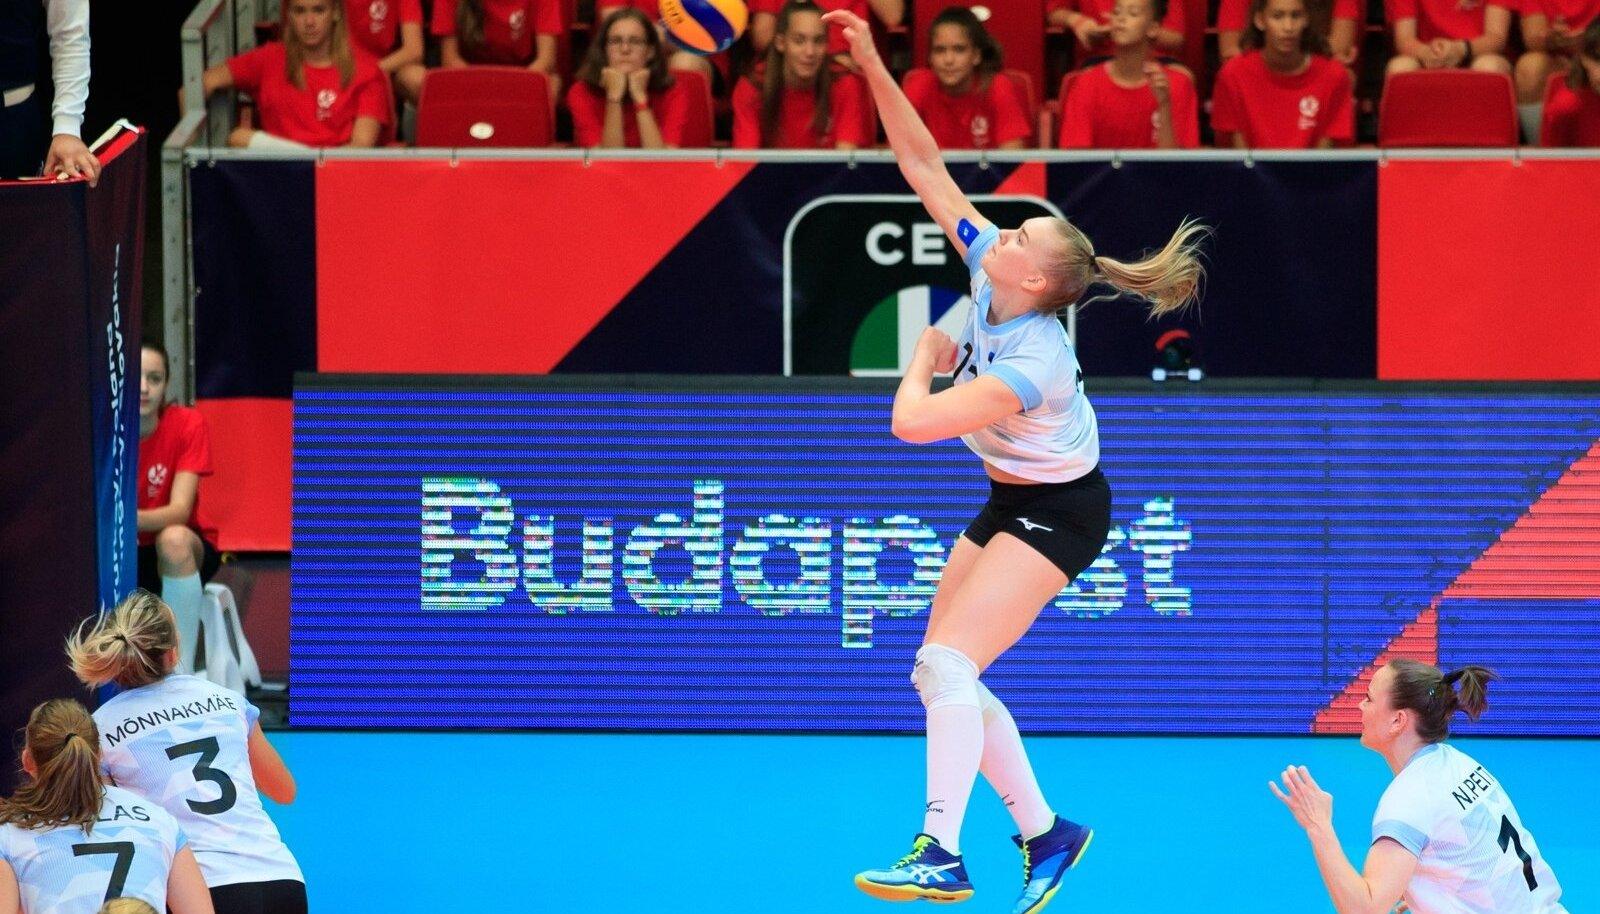 Võrkpalli EM-finaalturniir Budapestis Eesti vs Aserbaidžaan 28.08.2019